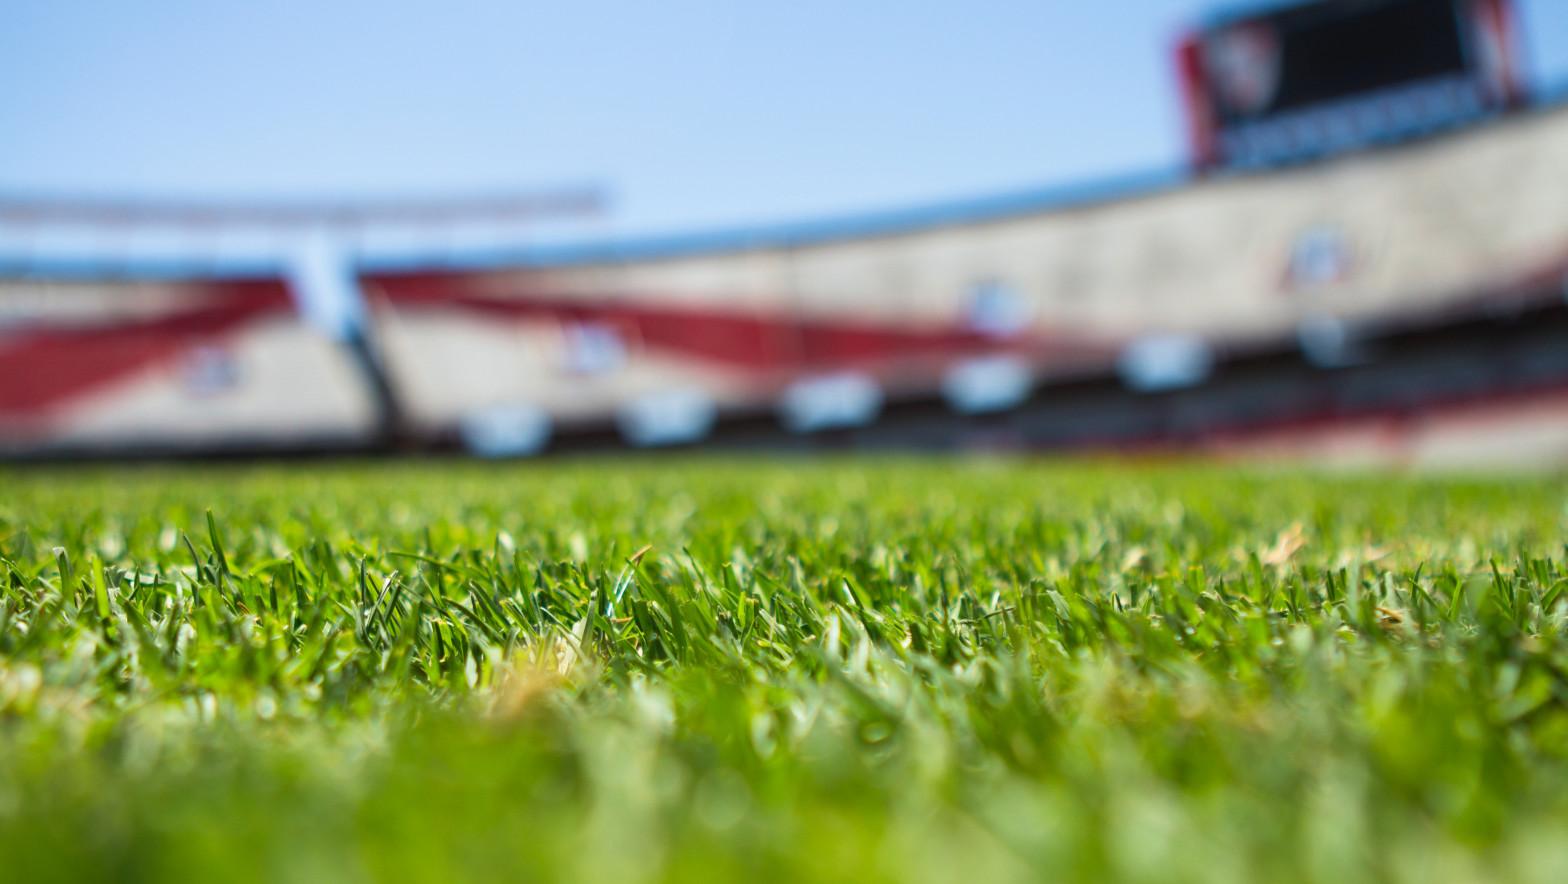 Banco Santander y Microsoft unen sus fuerzas para transformar el fútbol del futuro